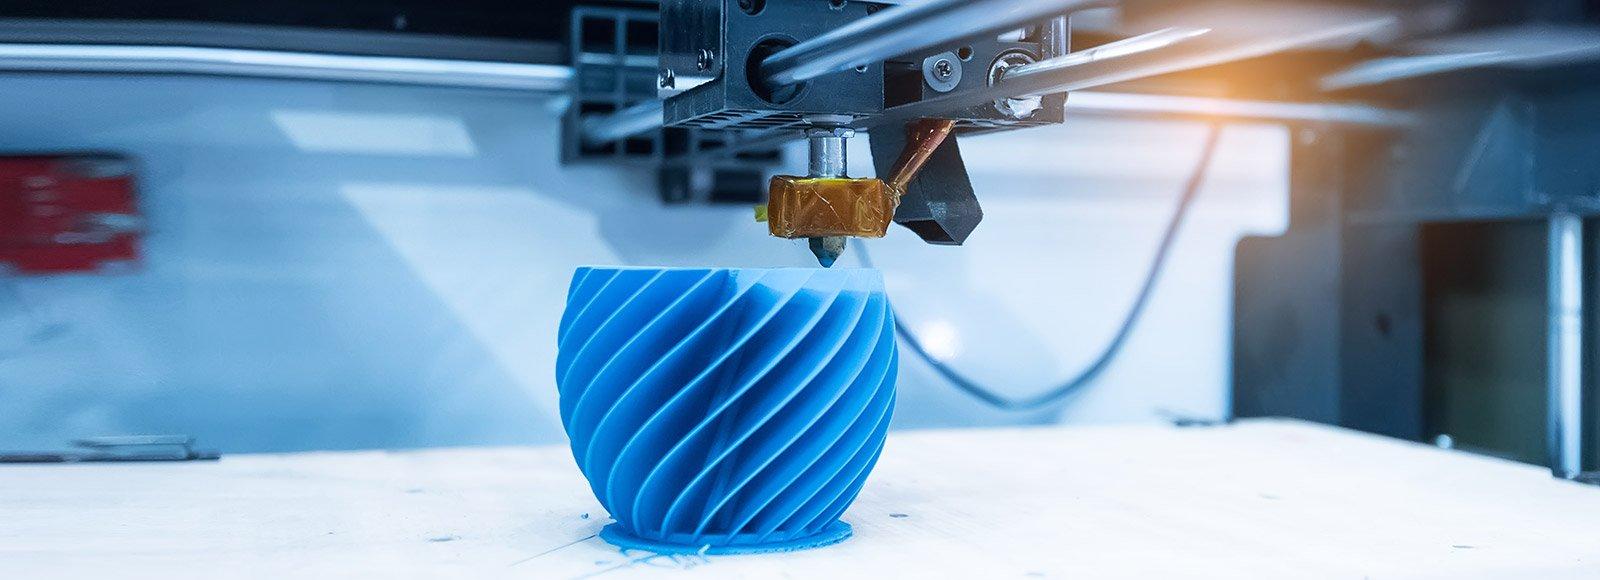 Noleggio stampante 3D a canoni vantaggiosi